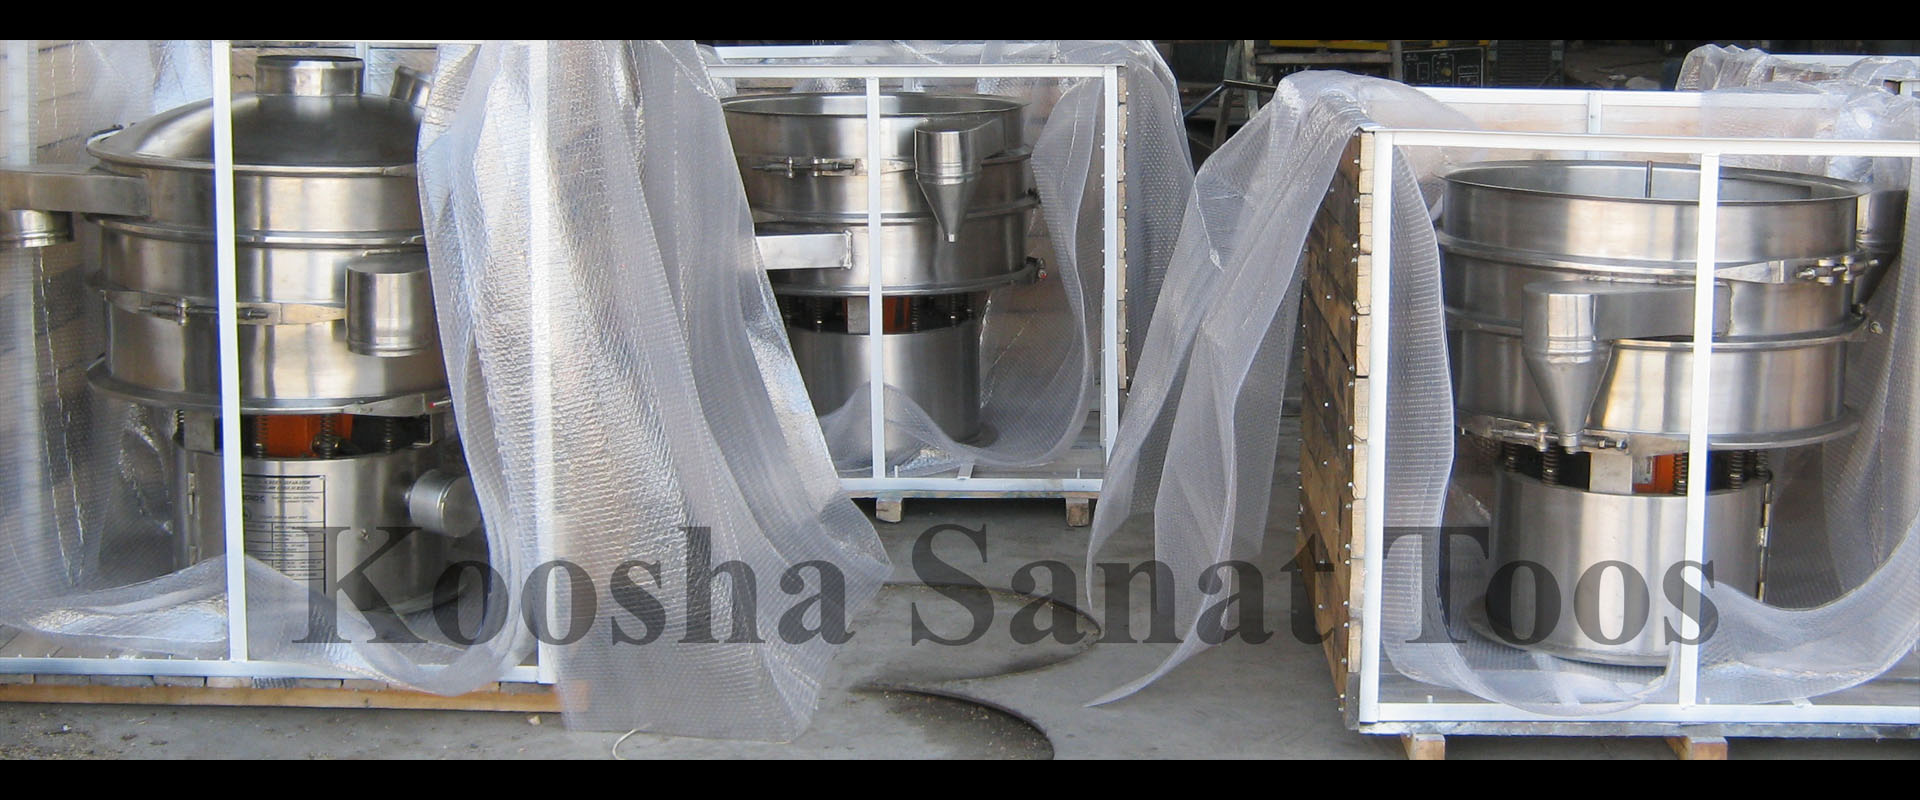 طراح و تولید کننده انواع الکهای صنعتی میکرونیزه